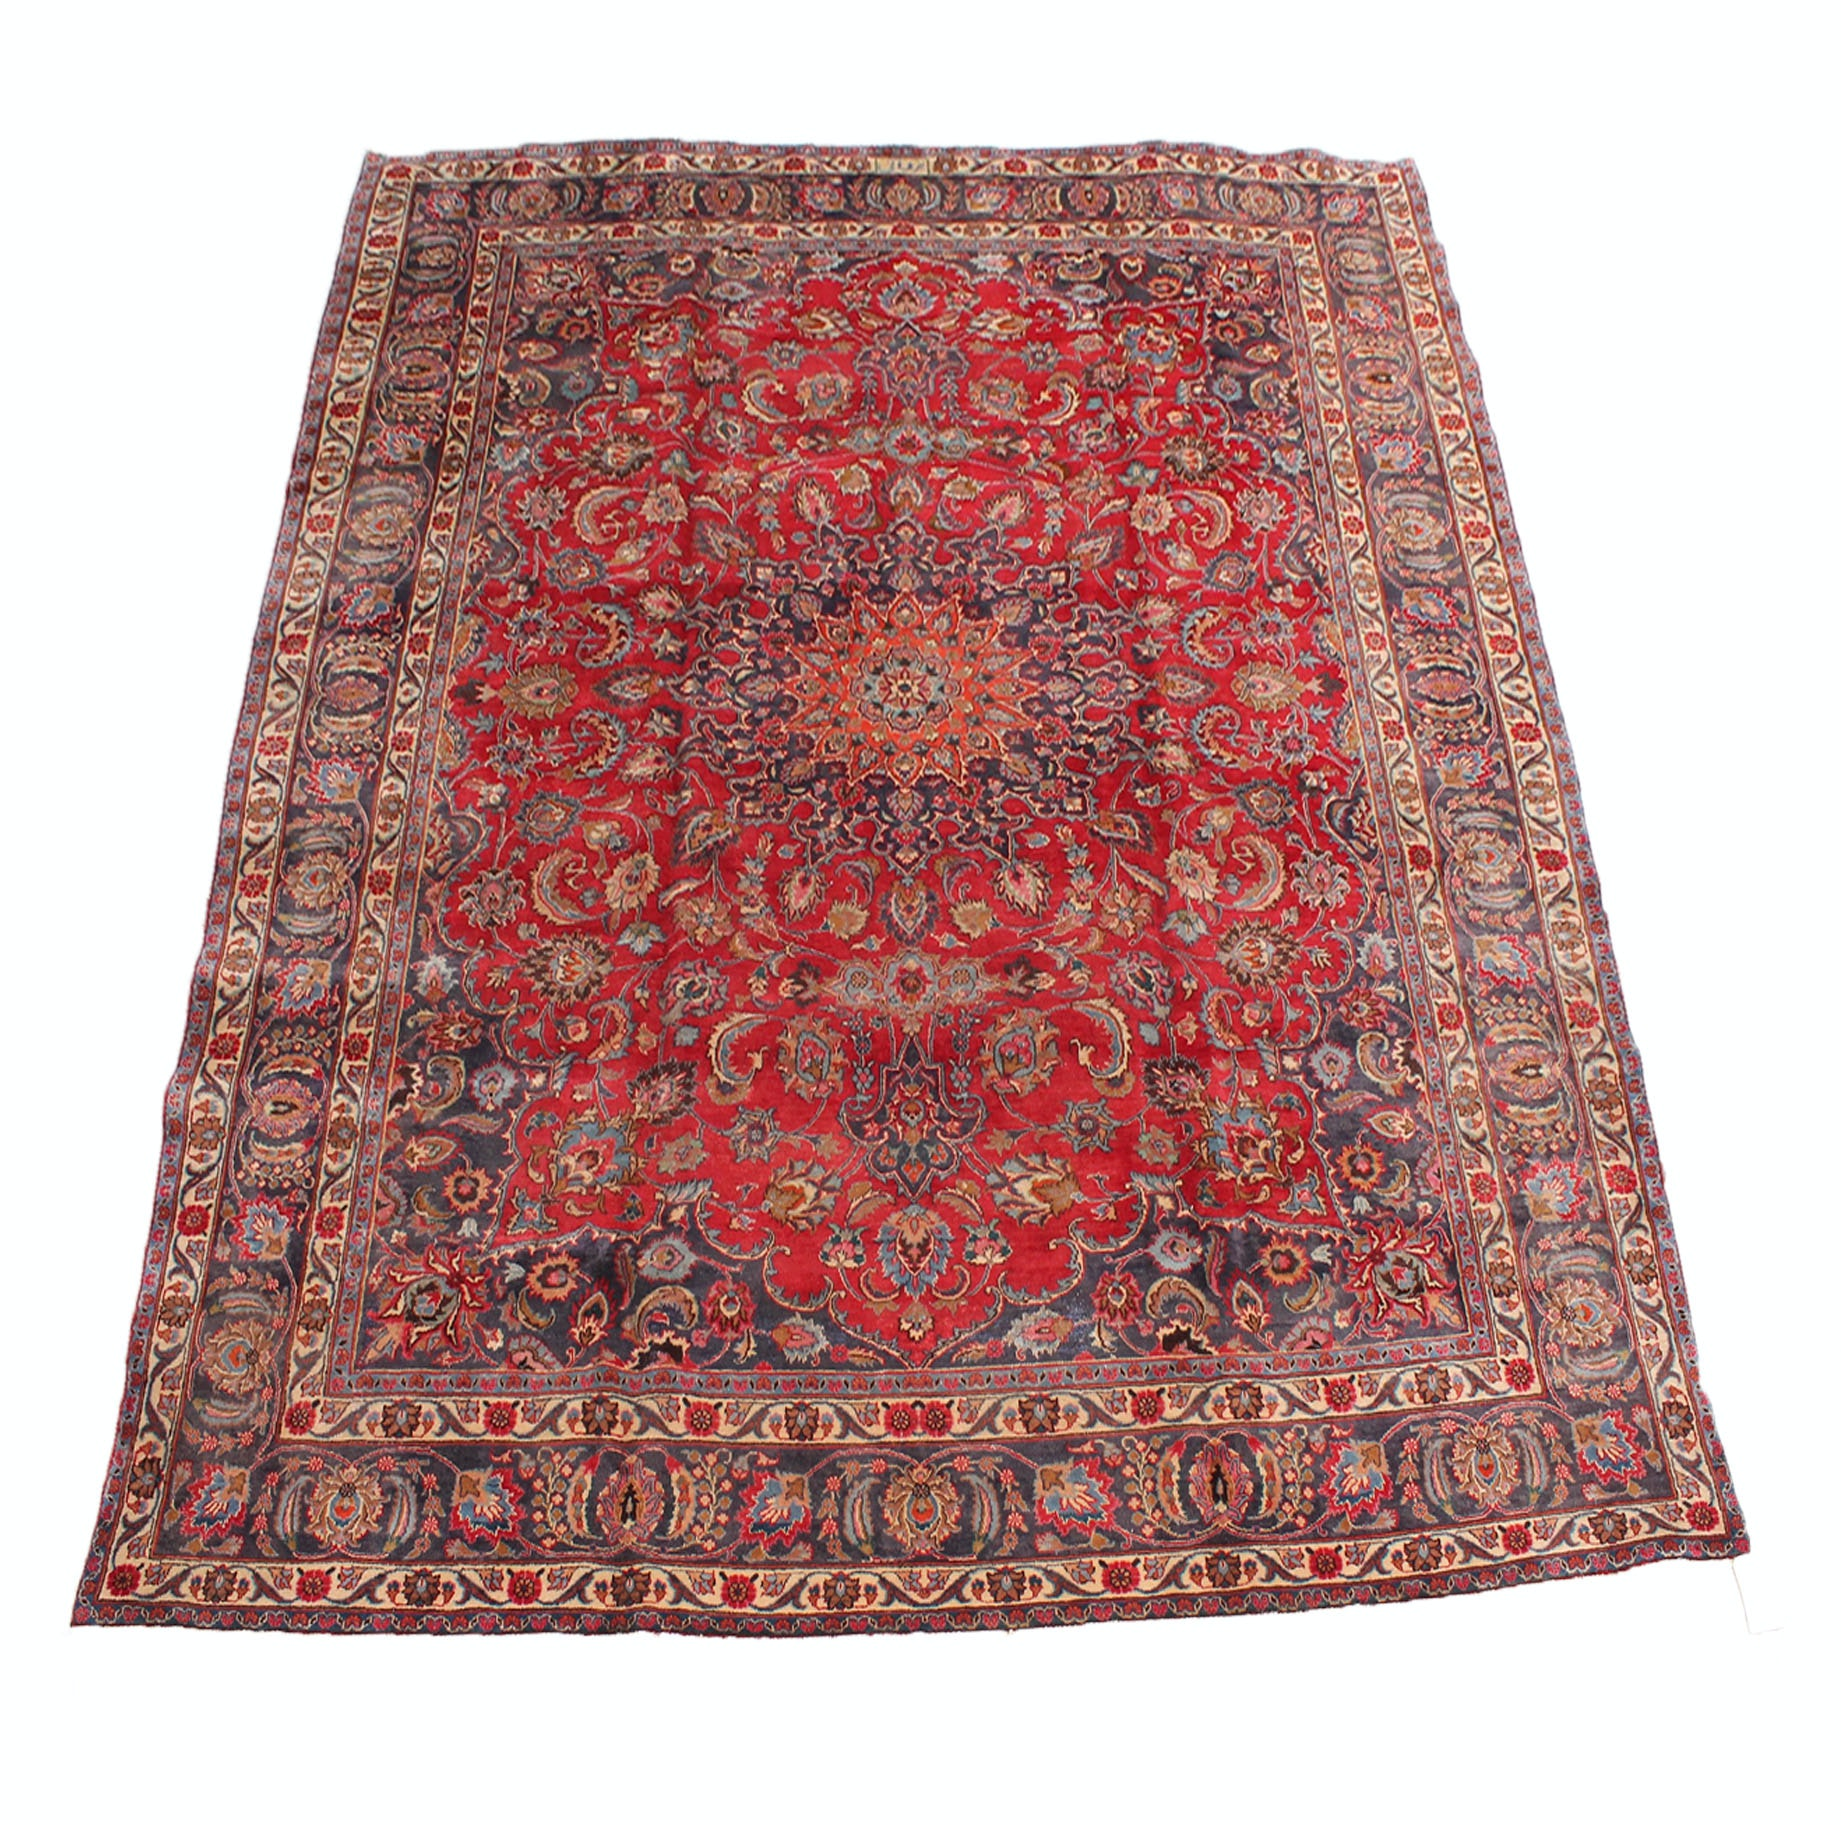 Vintage Hand Knotted Persian Mashad Room Size Rug Signed Yaszdani